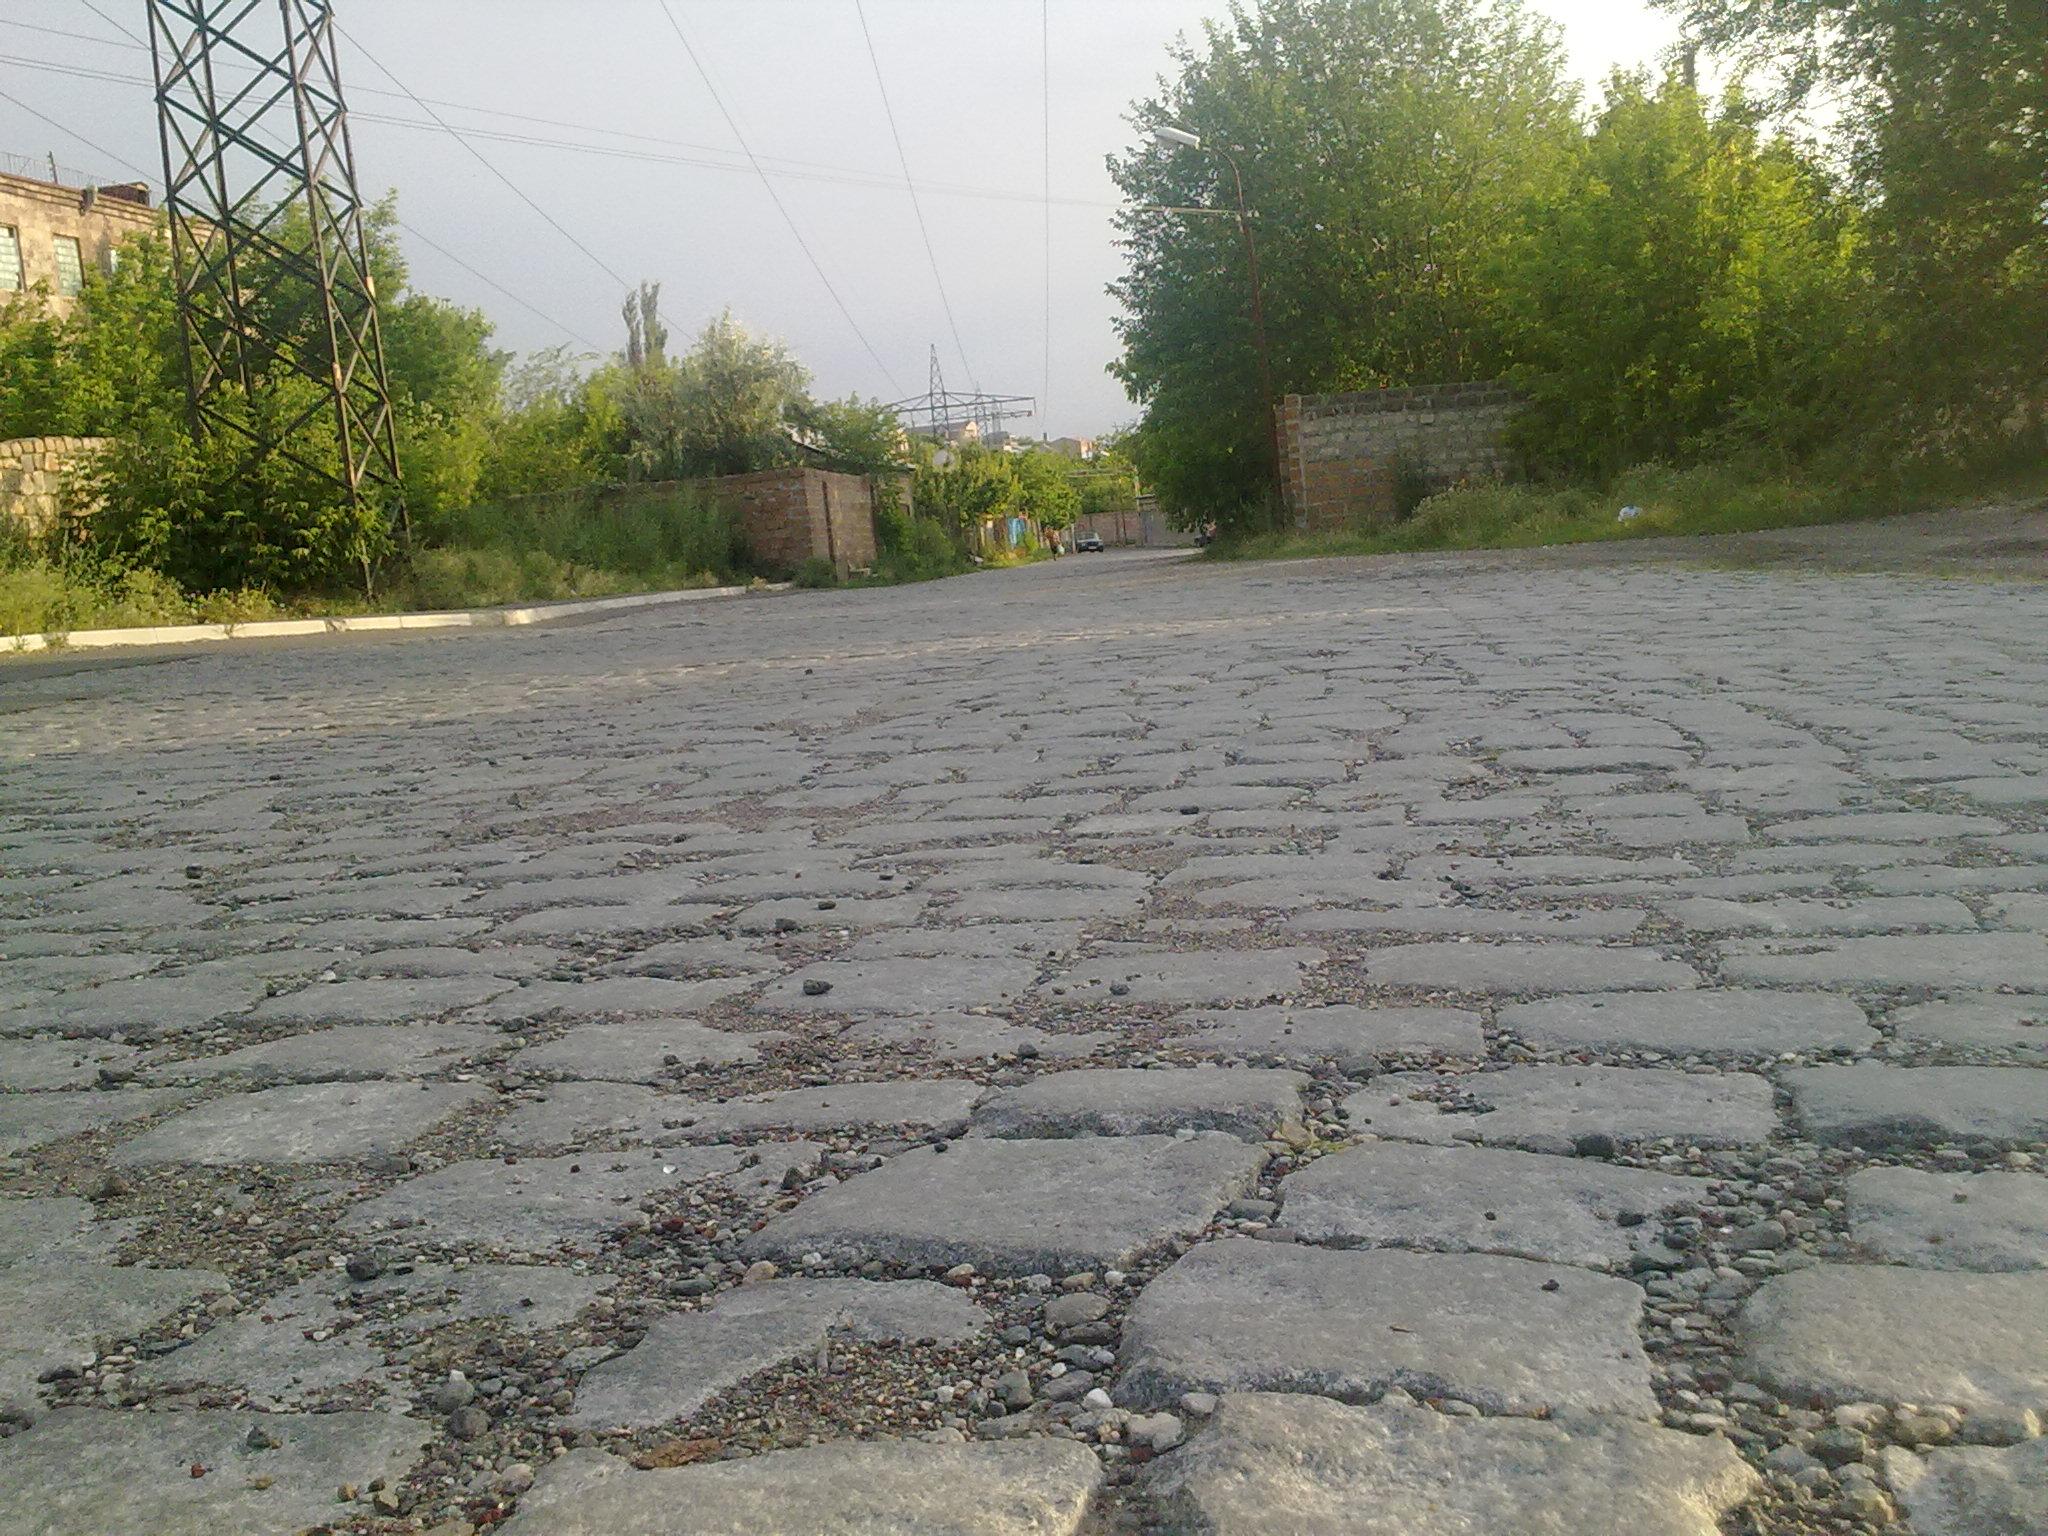 Շրջանցիկ թունել փողոց